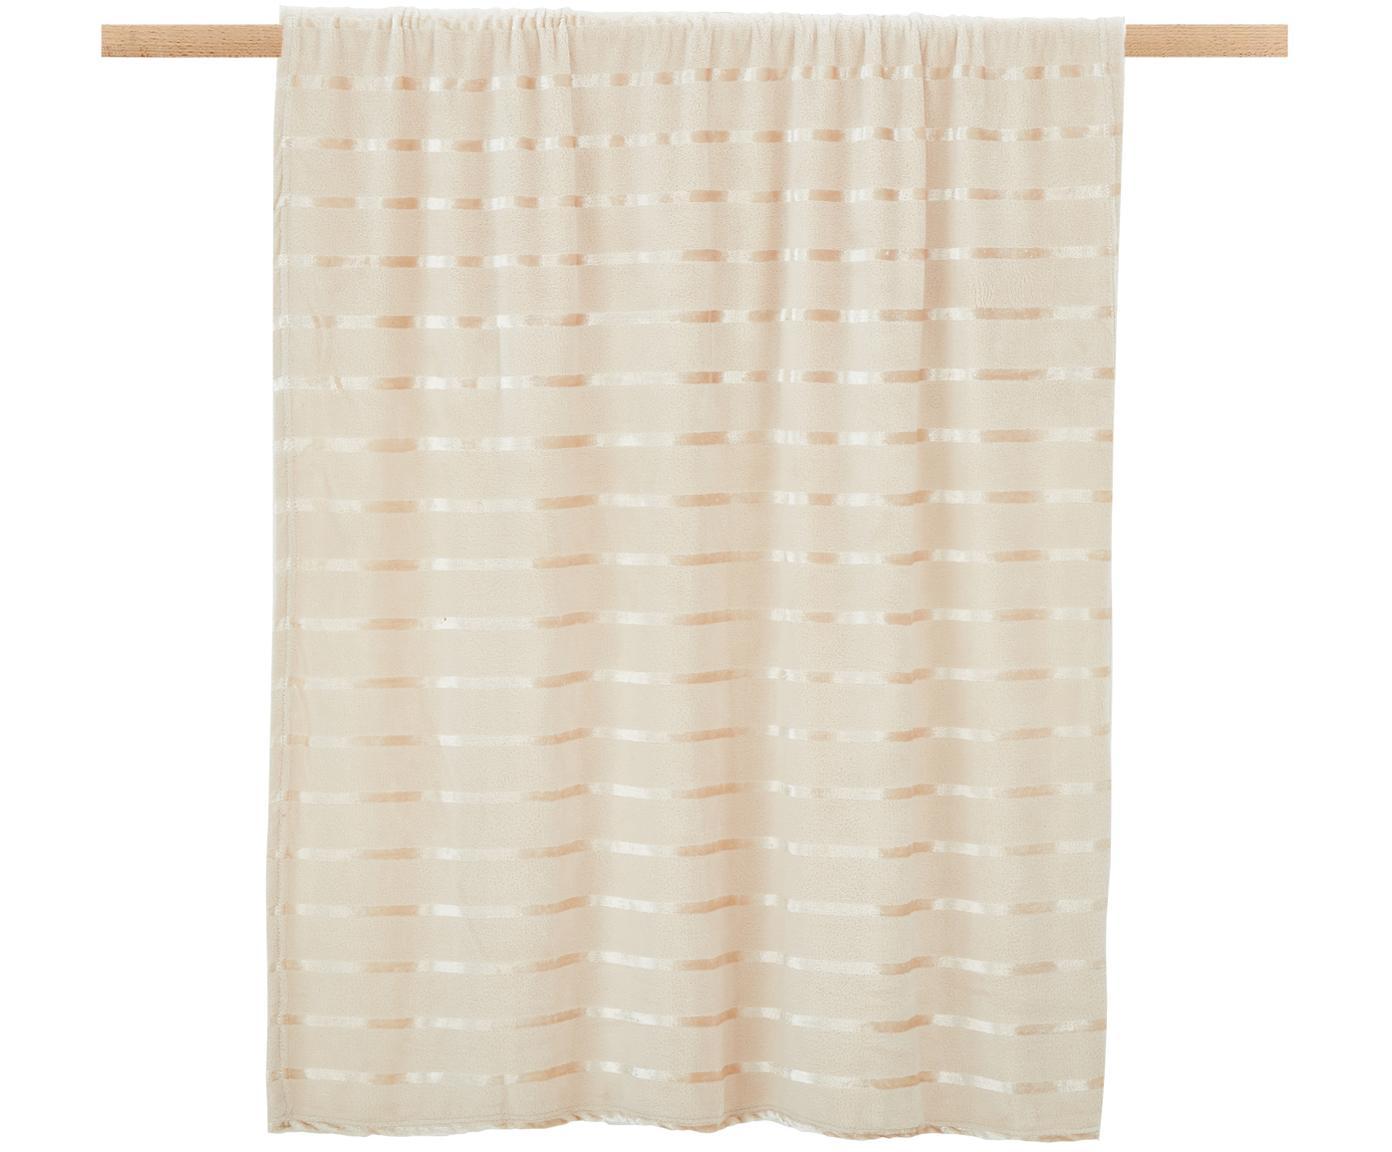 Weiches Fleece-Plaid Clyde mit schimmernden Streifen, 100% Polyester, Beige, Gebrochenes Weiß, 130 x 160 cm